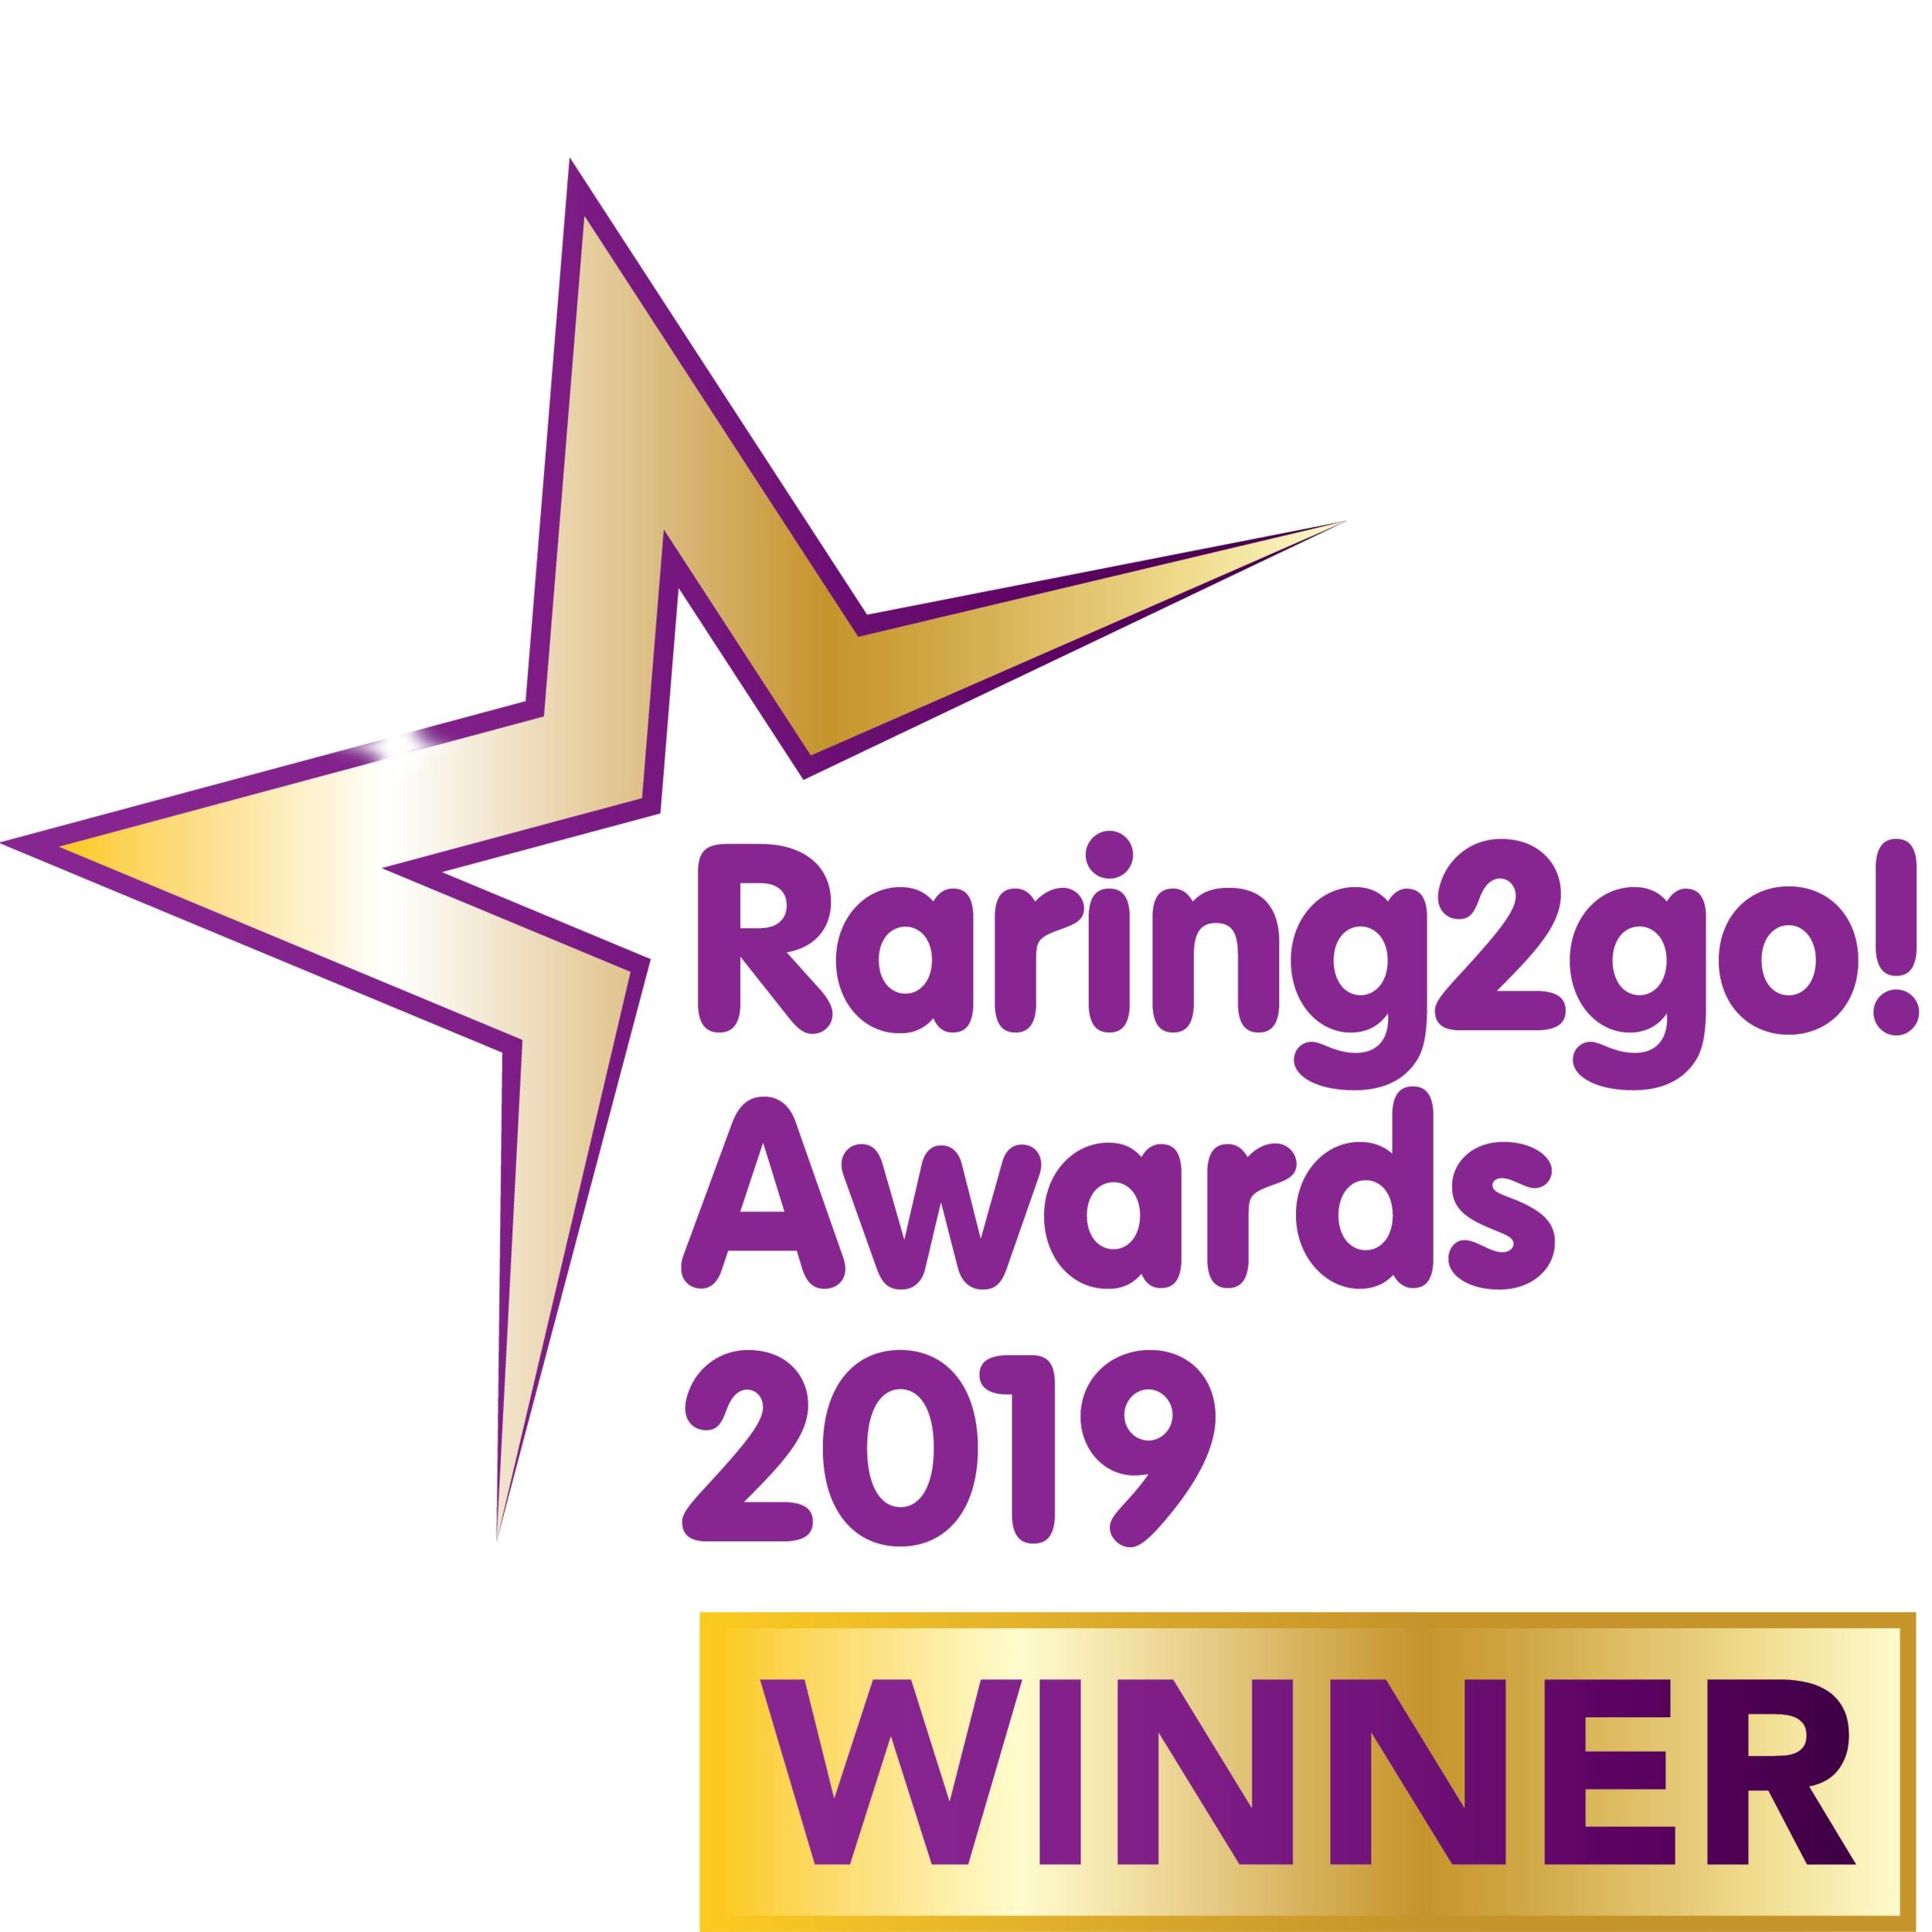 2444+R2go%21+Square+Awards+winner-01.jpg